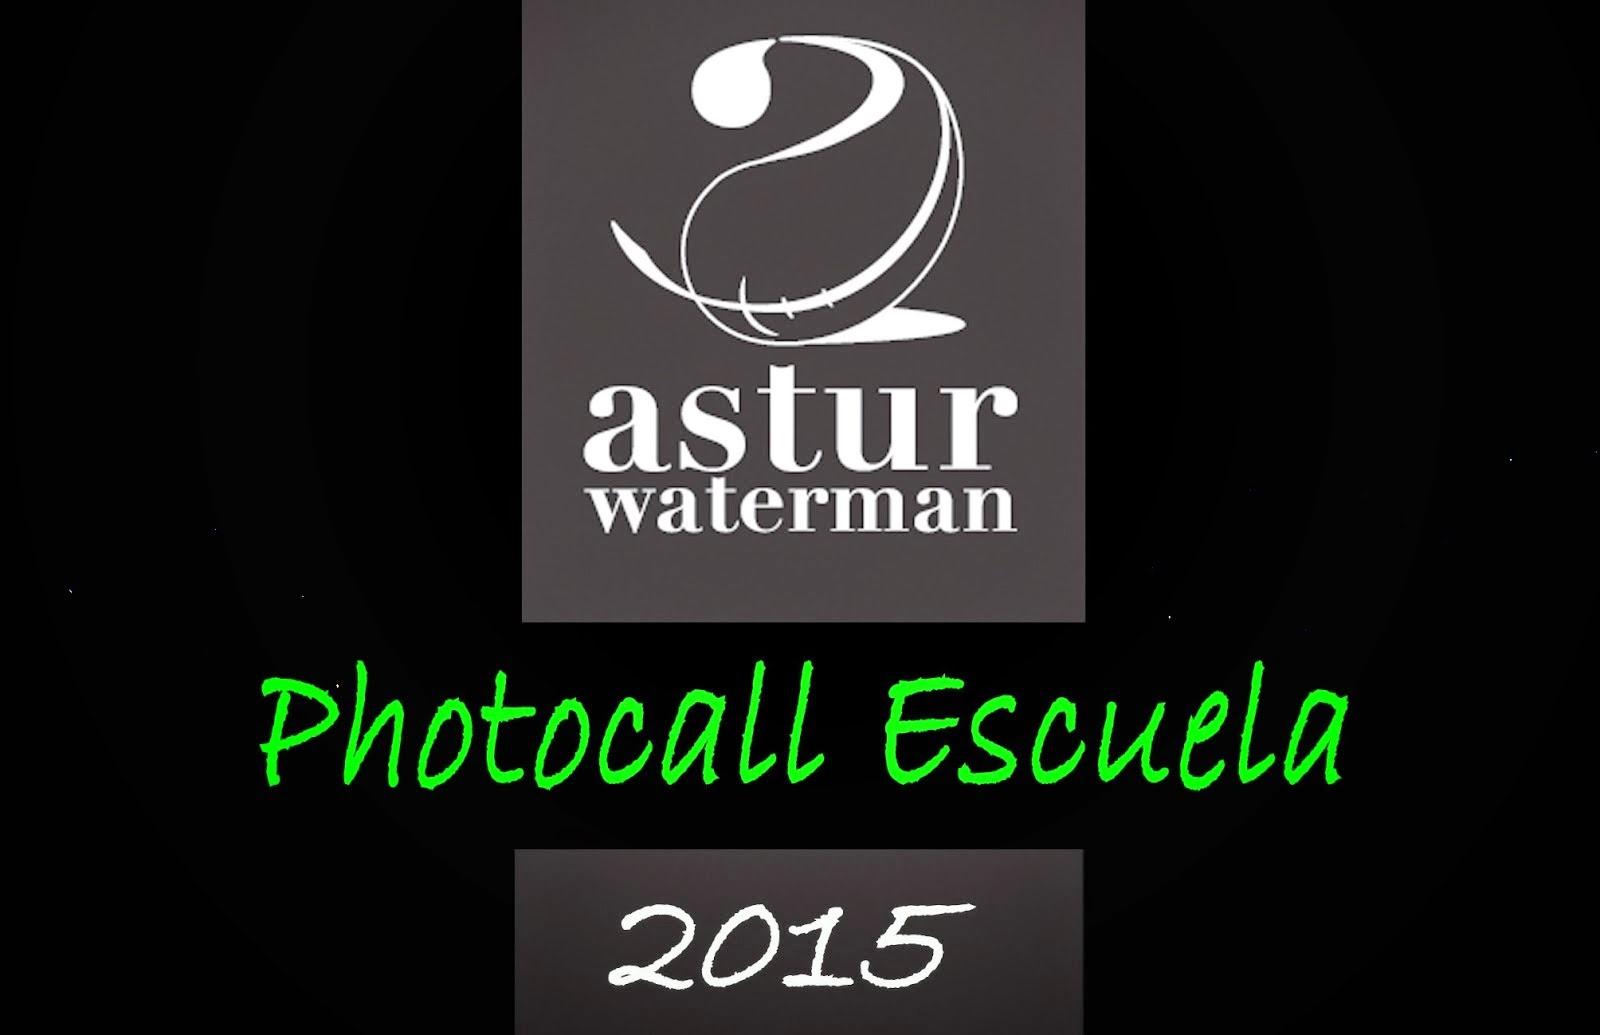 Photocall Escuela 2015